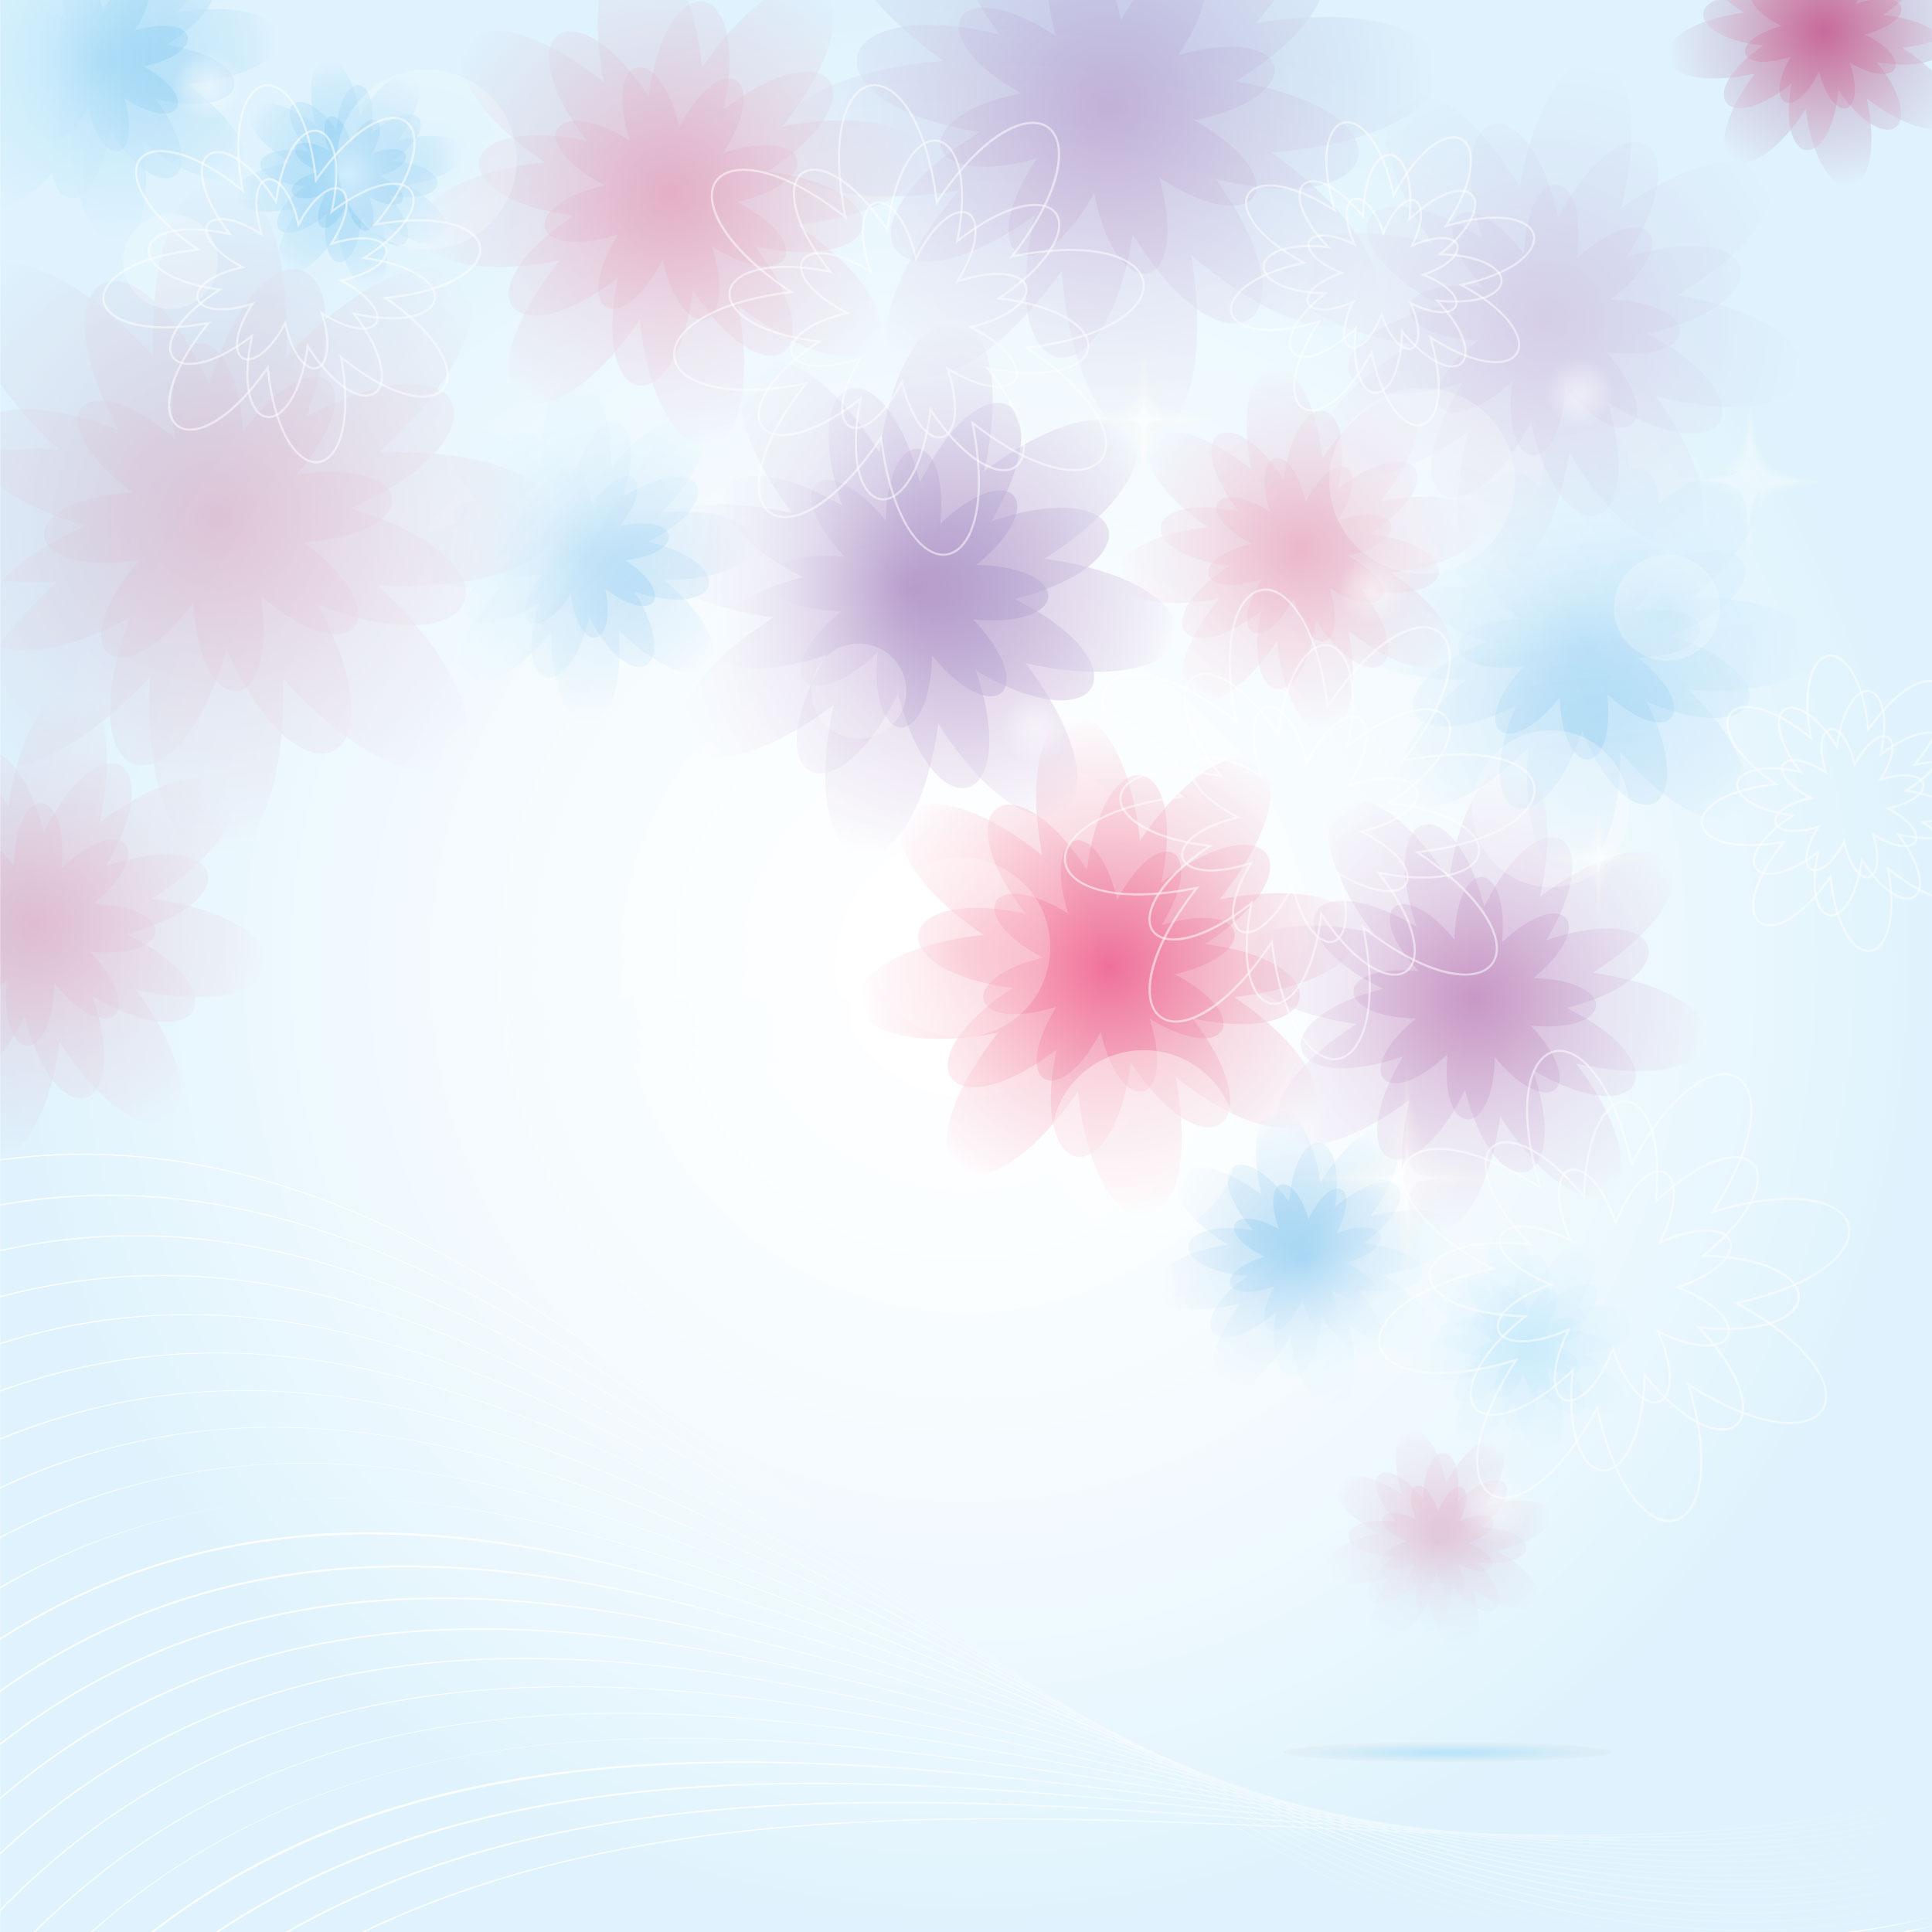 花のイラスト・フリー素材/壁紙・背景no.056『赤青紫・淡い色彩』